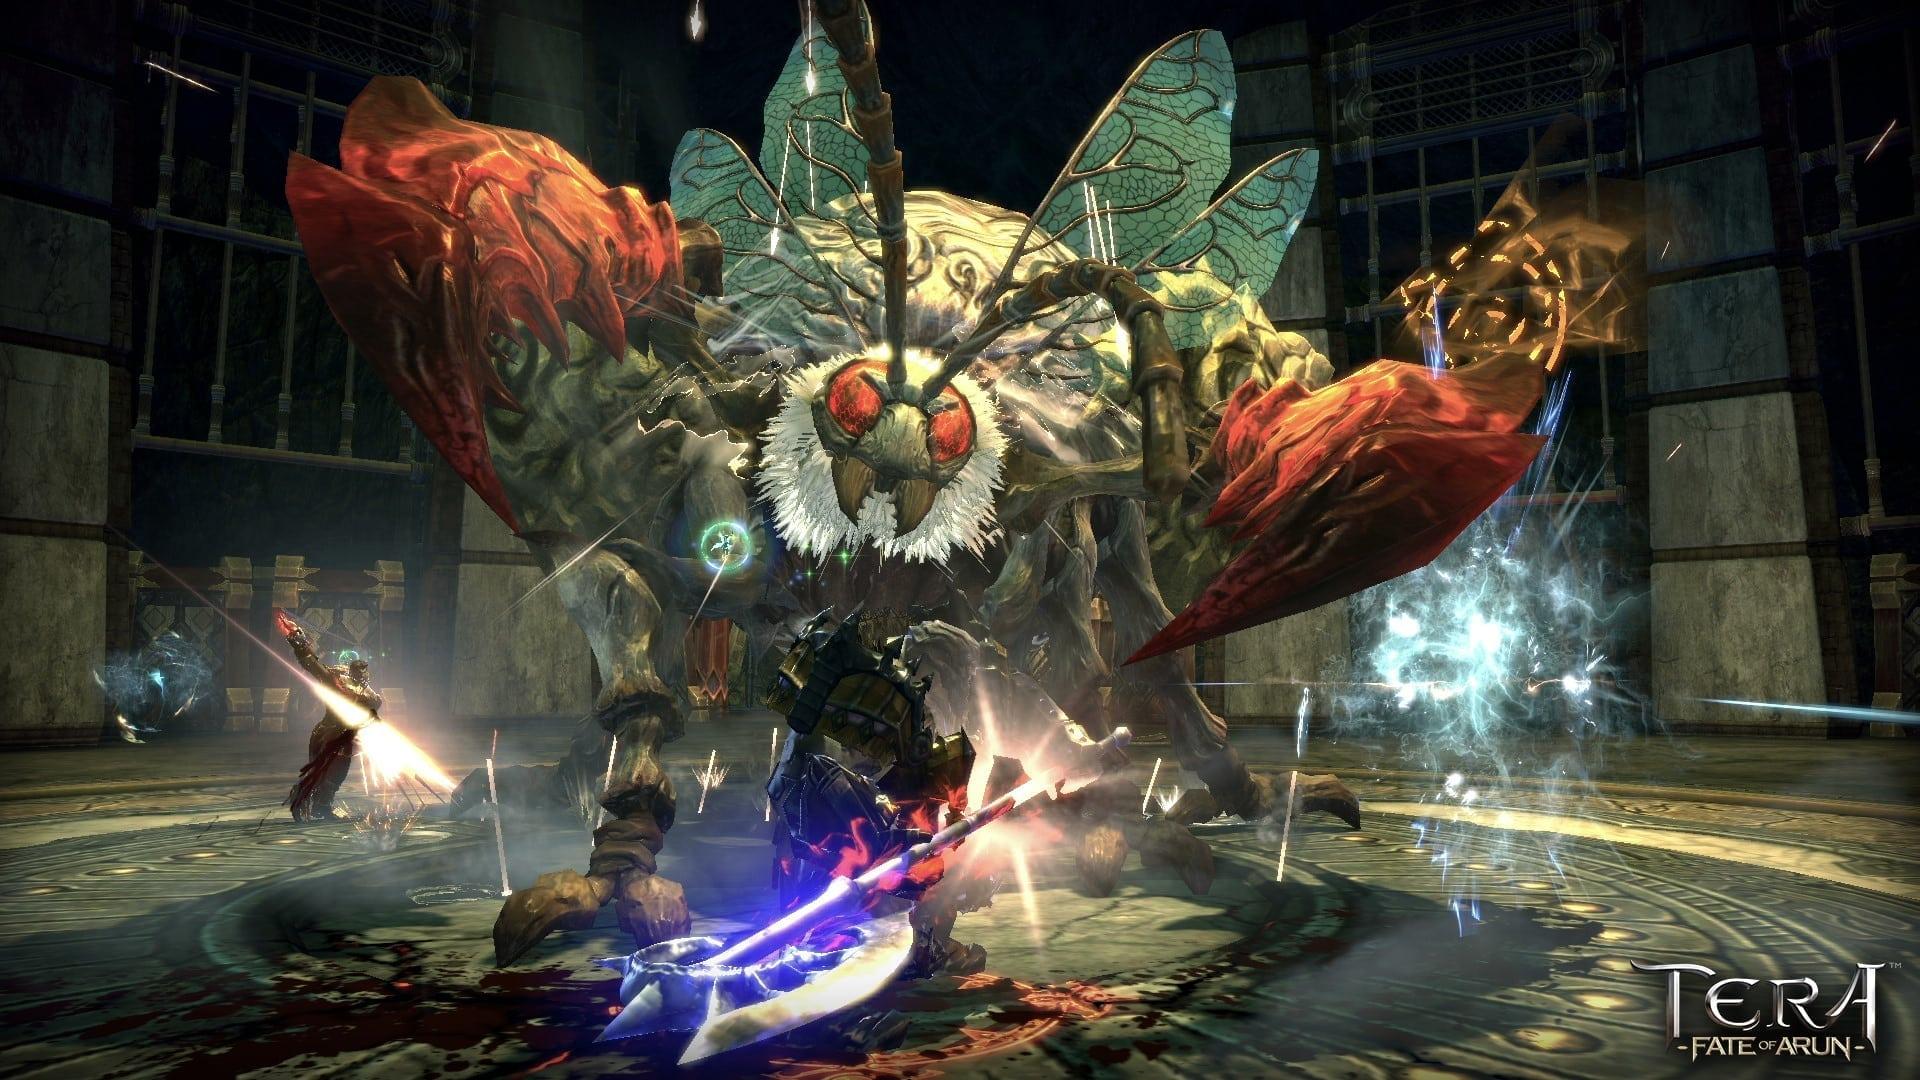 TERA - Fate of Arun screenshot 2